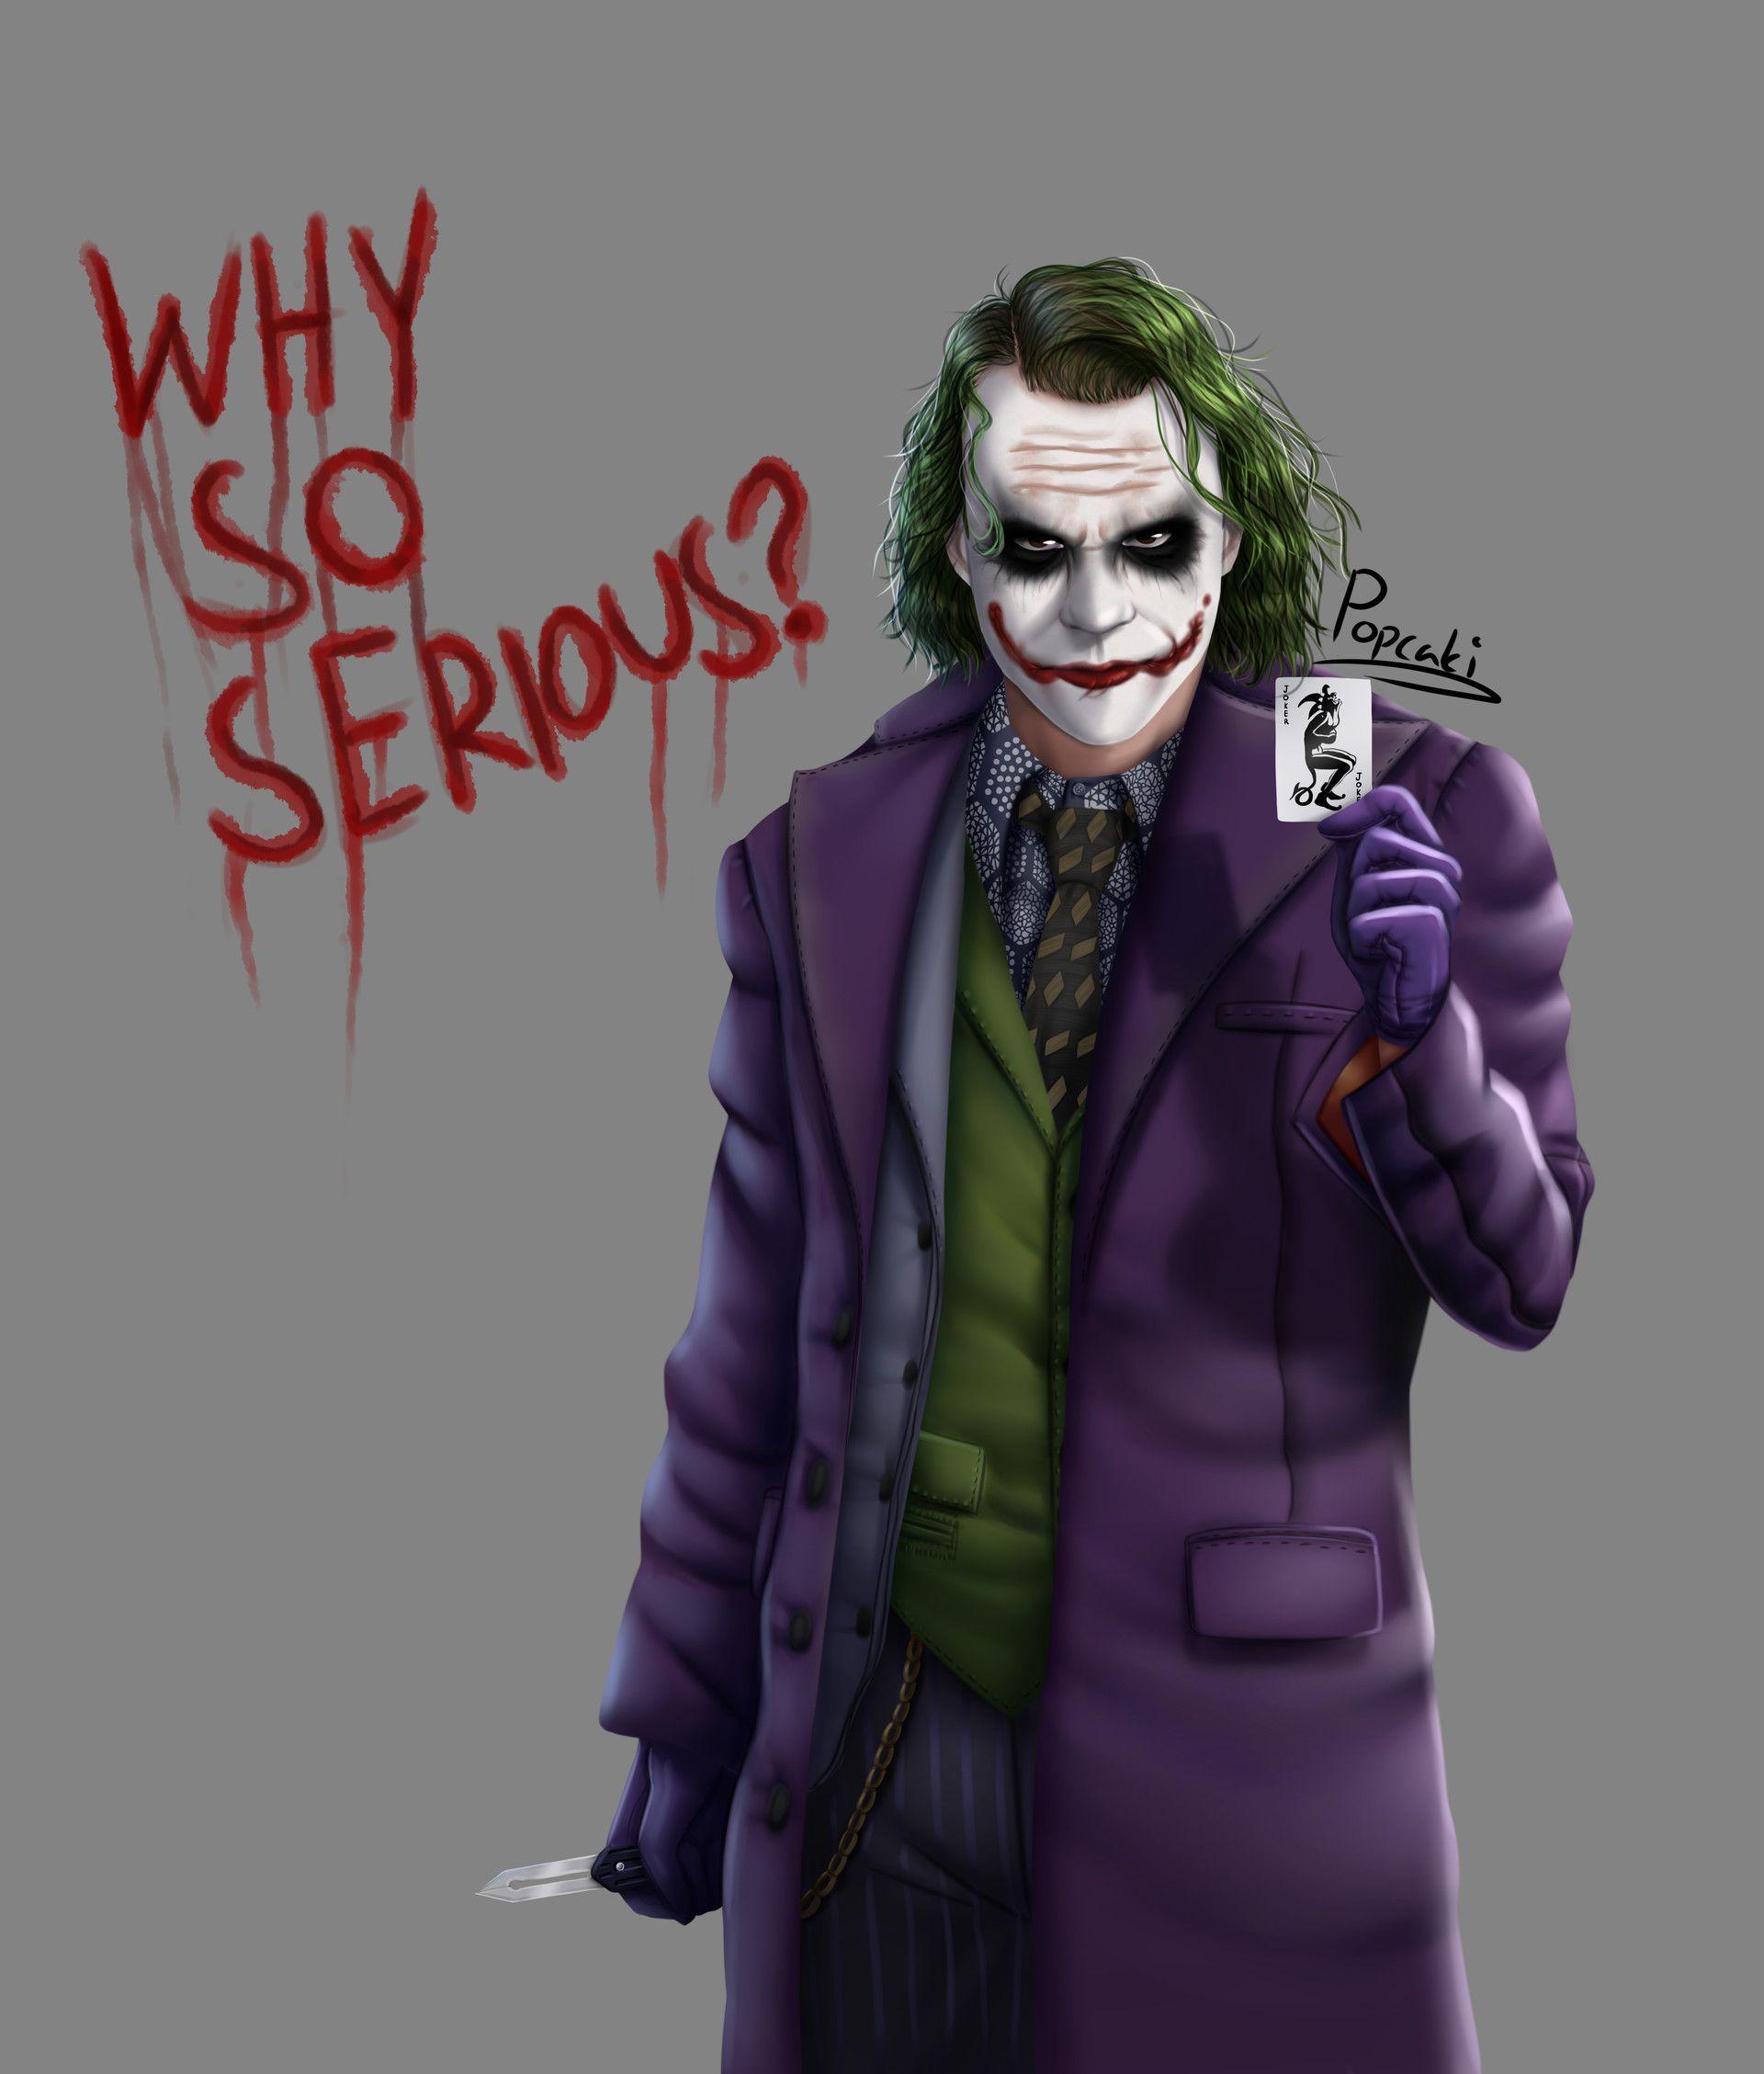 The Joker Why So Serious Popcaki Joker Pics Joker Images Joker Artwork Joker why so serious wallpaper hd for